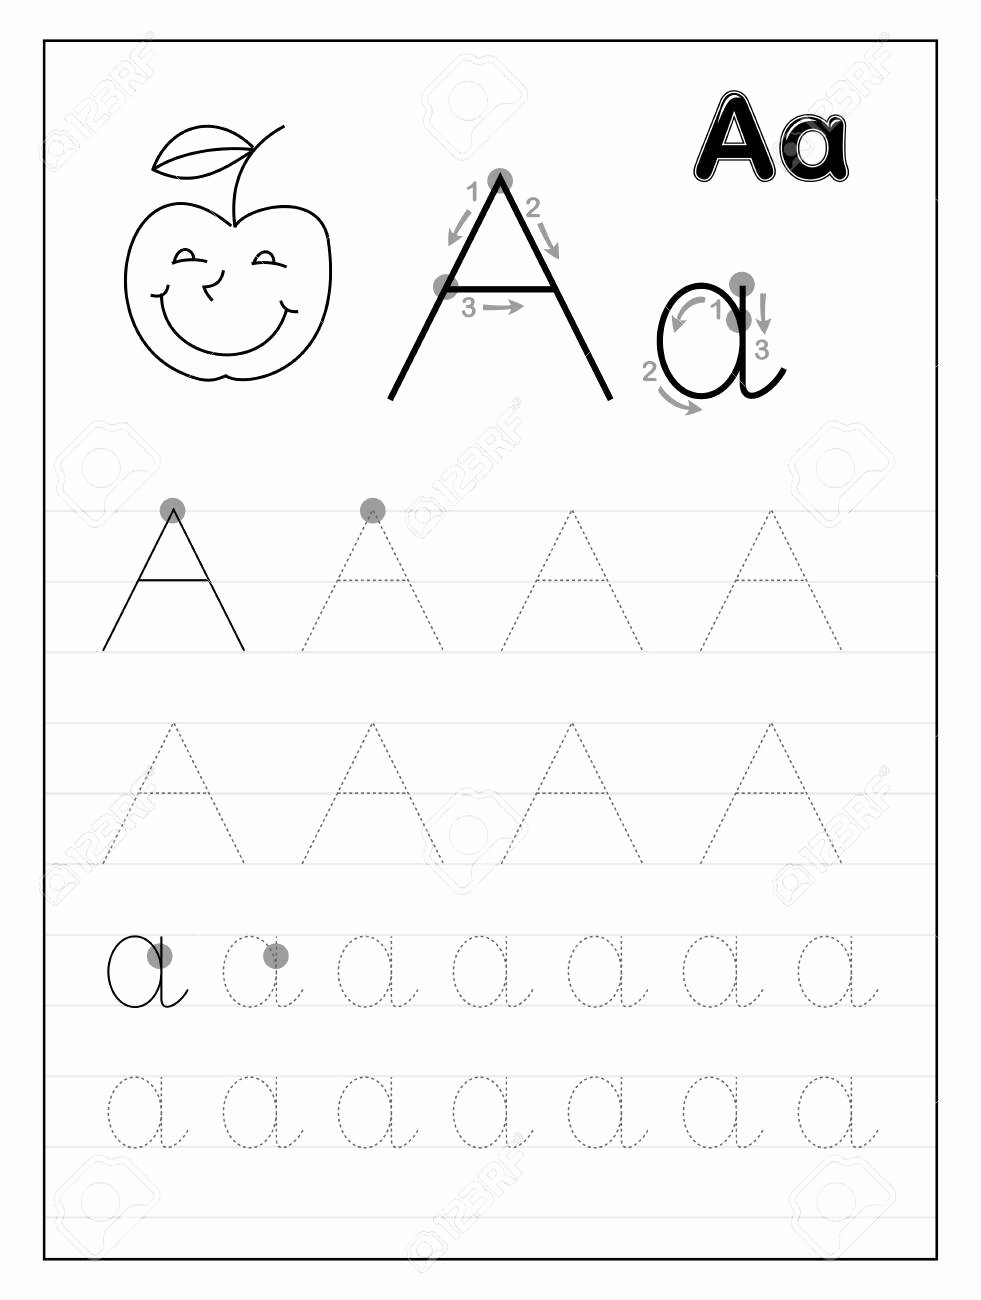 Tracing Letter Worksheets for Preschoolers Best Of Math Worksheet Math Worksheet Preschool Letter Worksheets